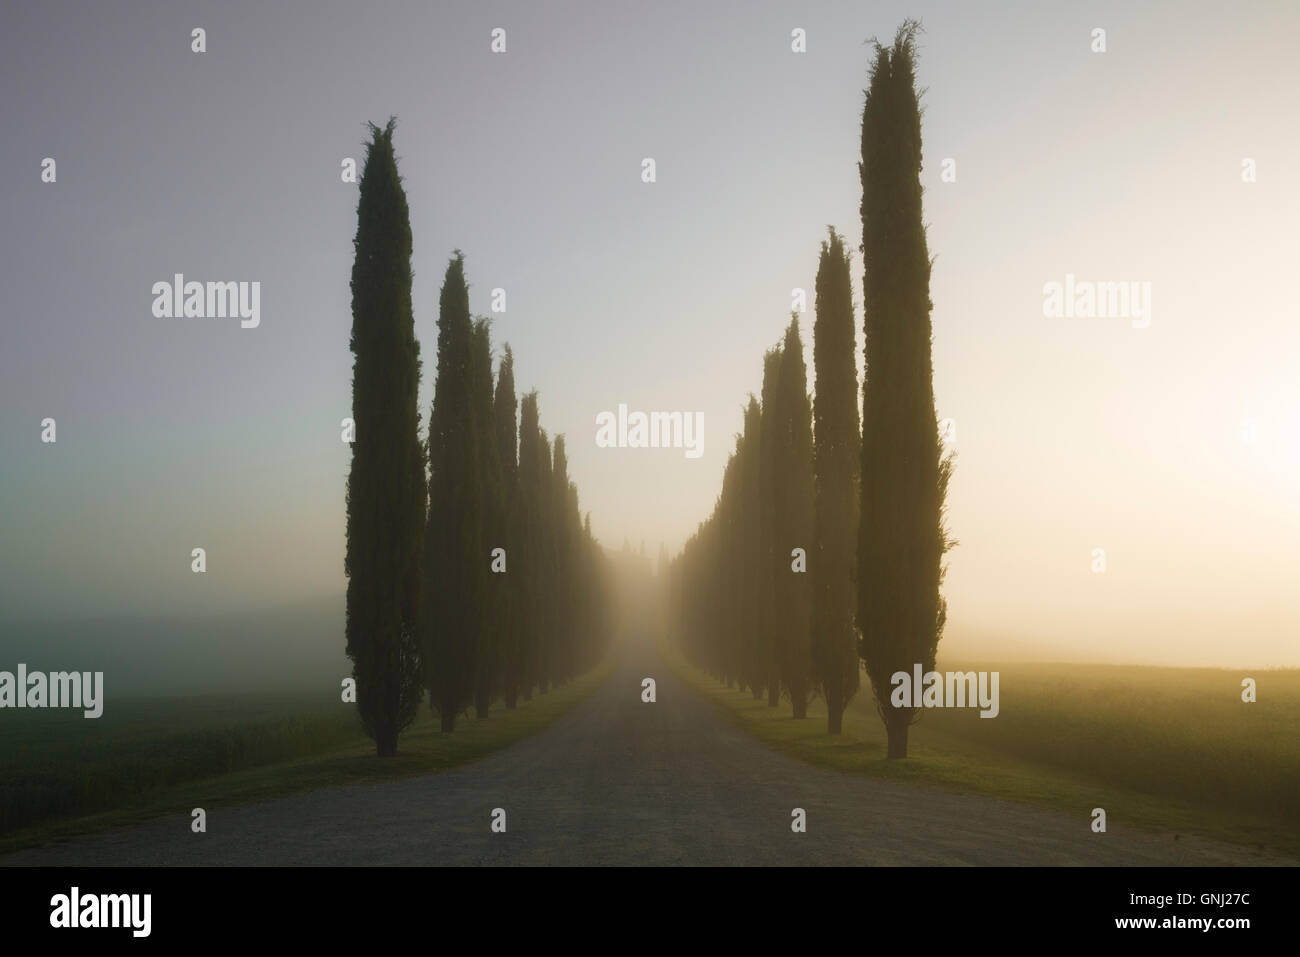 Strade orlate da alberi vicino alla Val d'Orcia, Toscana, Italia Immagini Stock